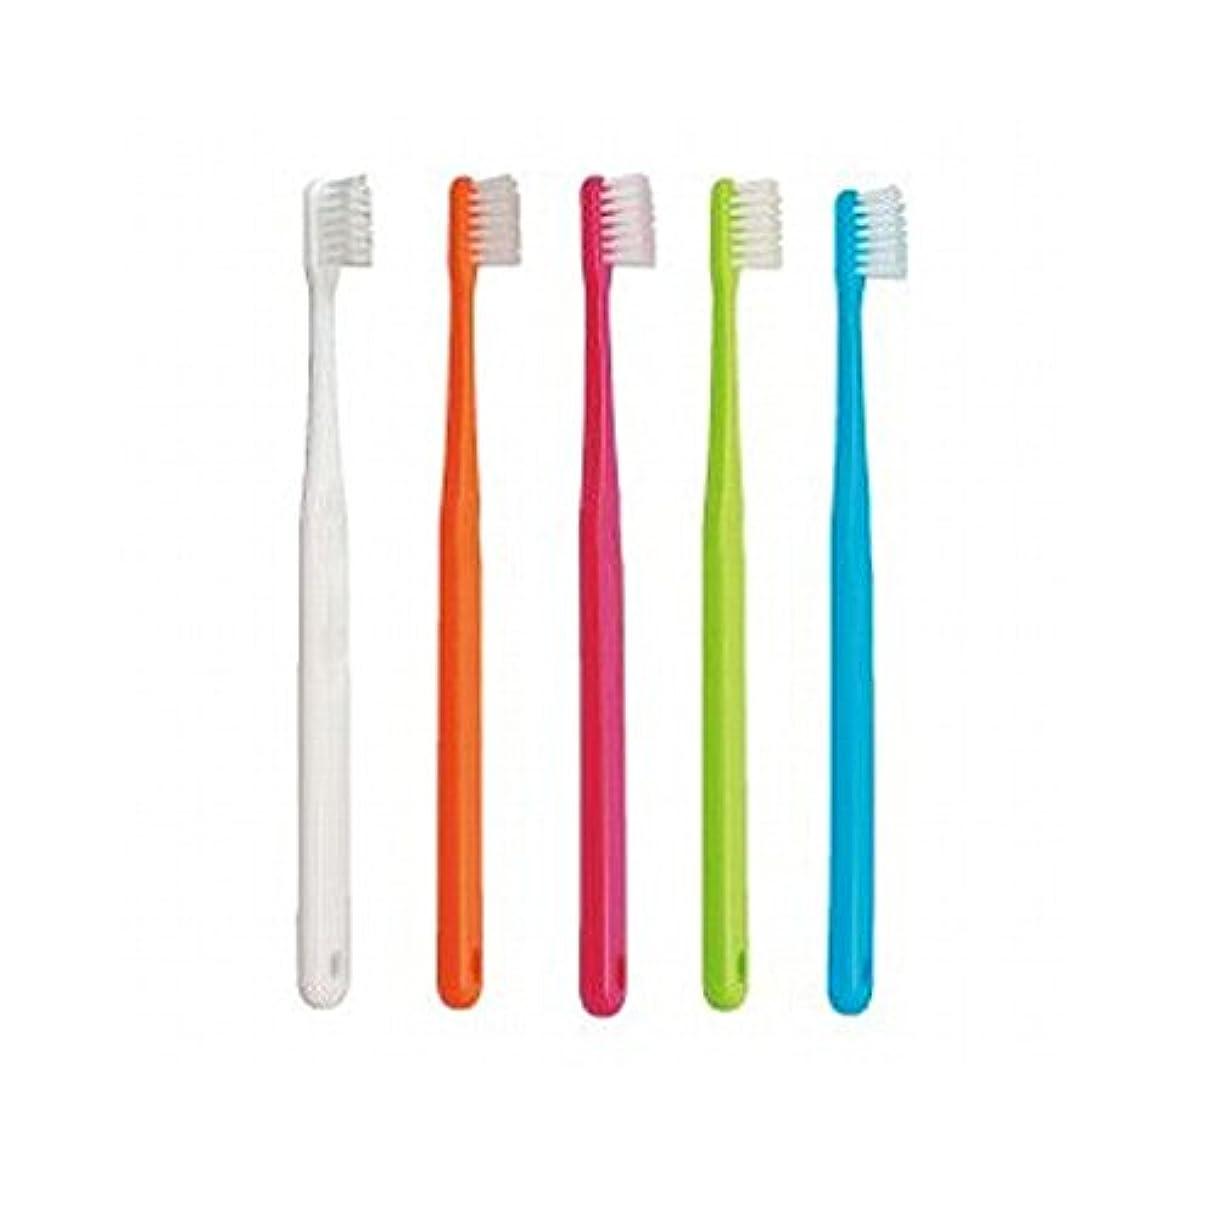 縮れたポインタクレア【Ci/シーアイ】【歯科用】Ci701 25本【歯ブラシ】【ややかため】【極薄ヘッド】ハンドルカラー5色選択不可